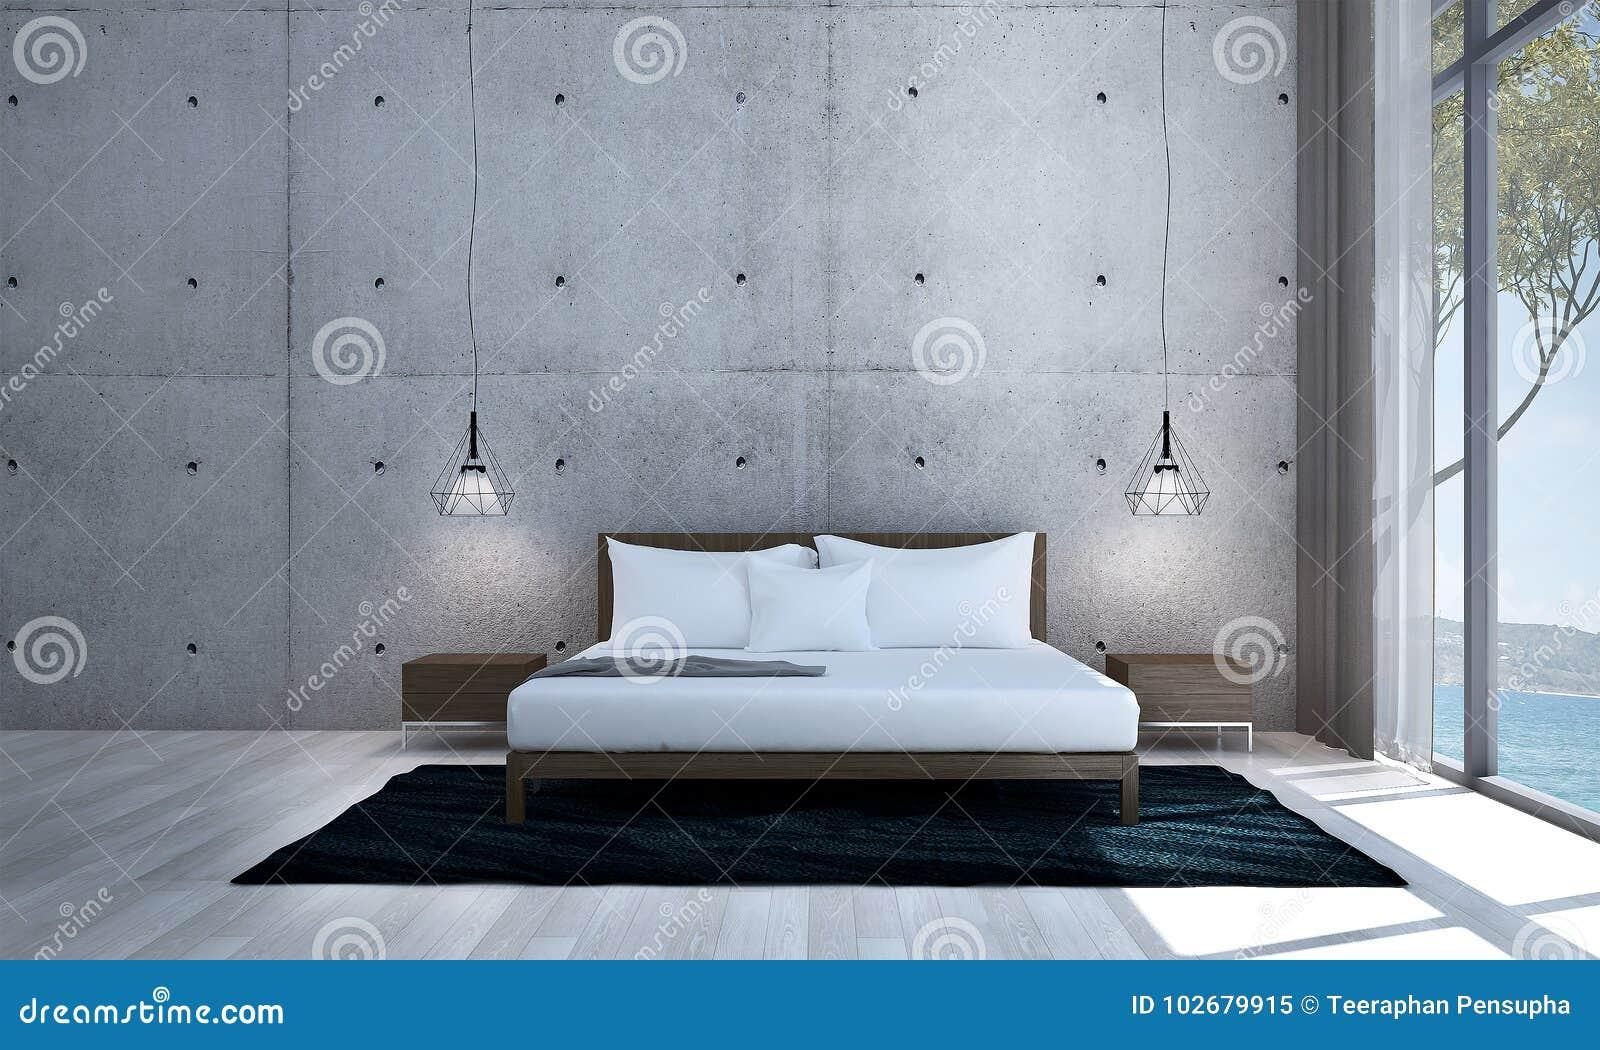 Free l interior design della camera da letto di minimi ed - Tappeti per sala da pranzo ...